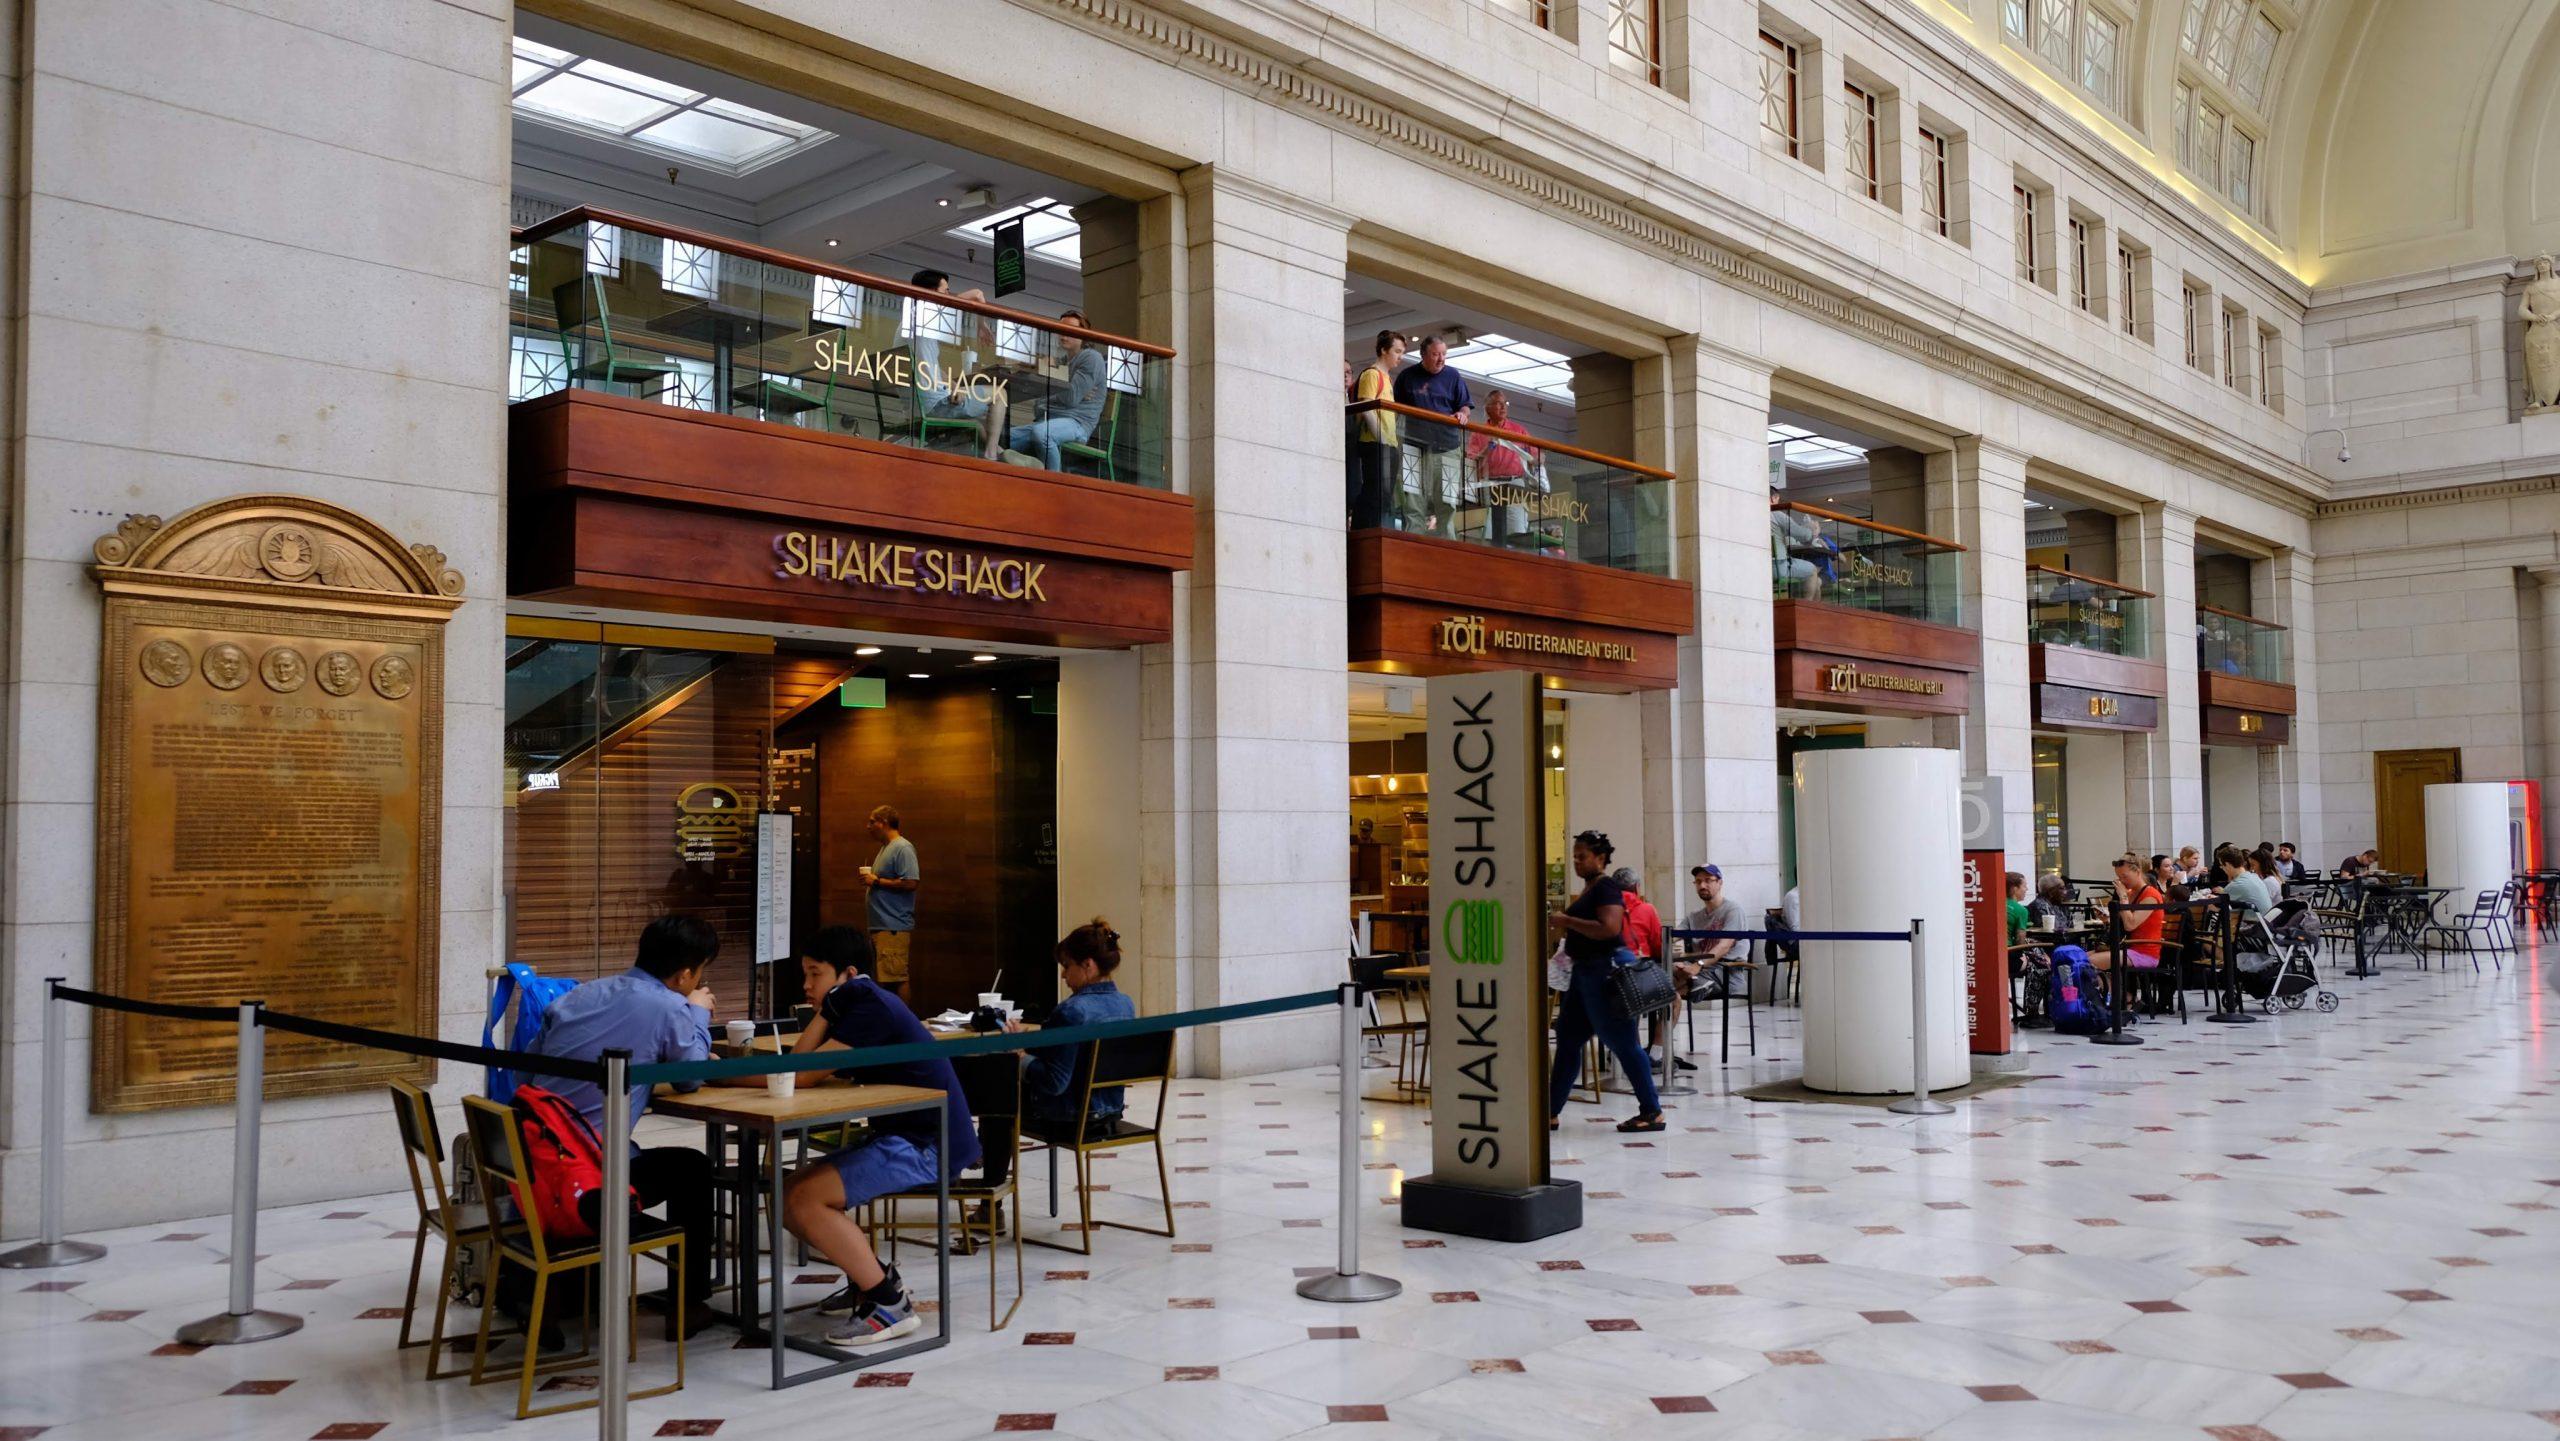 [華盛頓] SHAKE SHACK:超人氣紐約漢堡品牌,選料全天然安格斯牛肉